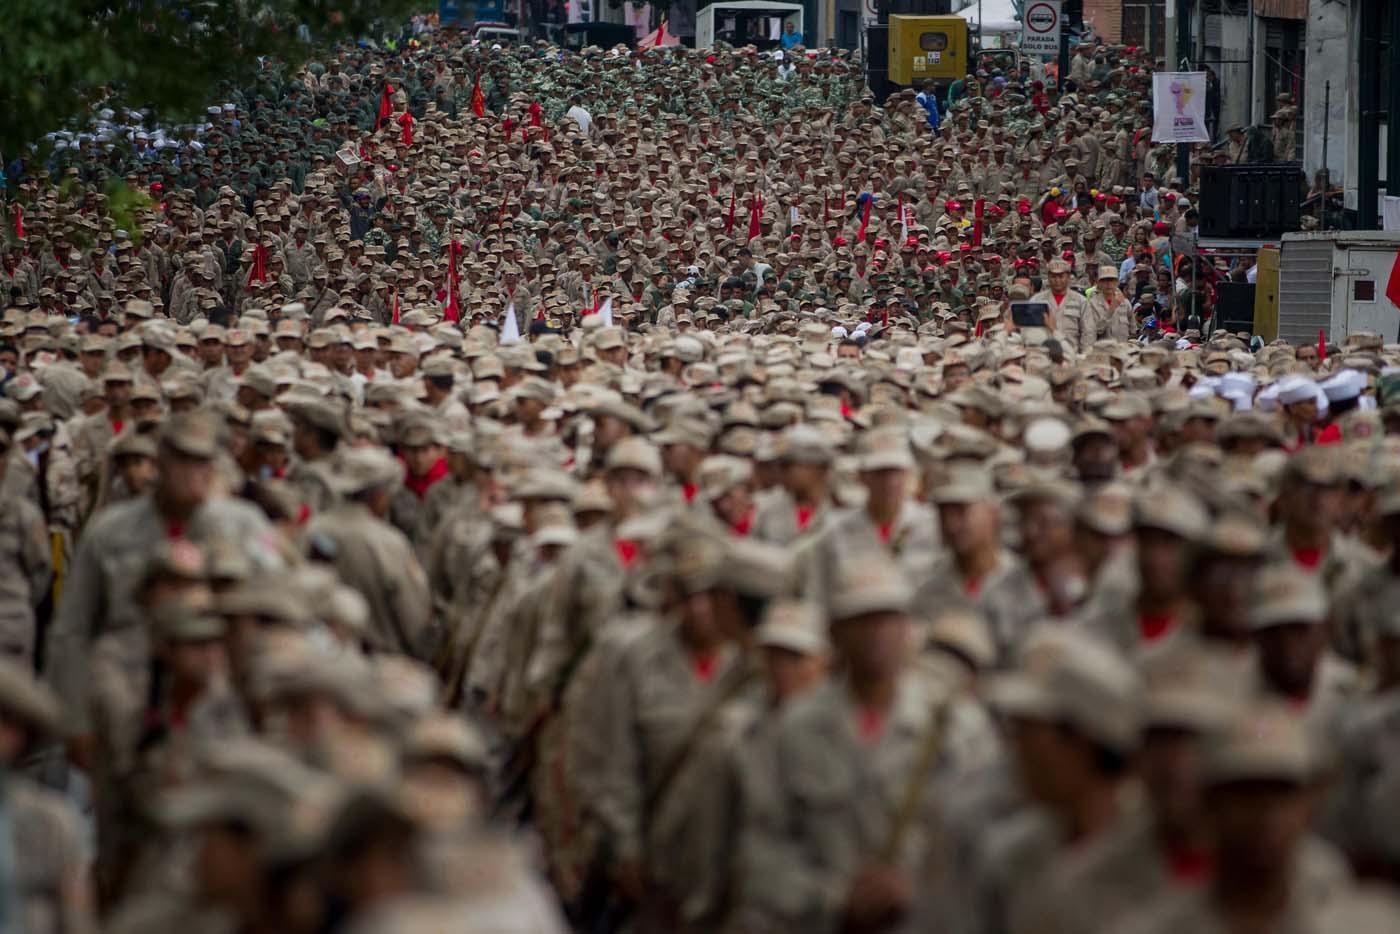 """CAR42. CARACAS (VENEZUELA), 17/04/2017 - Miembros de la Fuerza Armada Nacional Bolivariana (FANB) marchan desarmados hoy, lunes 17 de abril de 2017, para conmemorar el séptimo aniversario de la milicia en Caracas (Venezuela). Las Fuerzas Armadas de Venezuela ratificaron hoy su apoyo incondicional al presidente, Nicolás Maduro, ante lo que consideran una """"coyuntura crucial"""" debido a los """"actos de violencia"""" durante las protestas opositoras, parte de una """"agenda criminal"""" que amenaza la """"paz y estabilidad"""" del país. EFE/MIGUEL GUTIÉRREZ"""